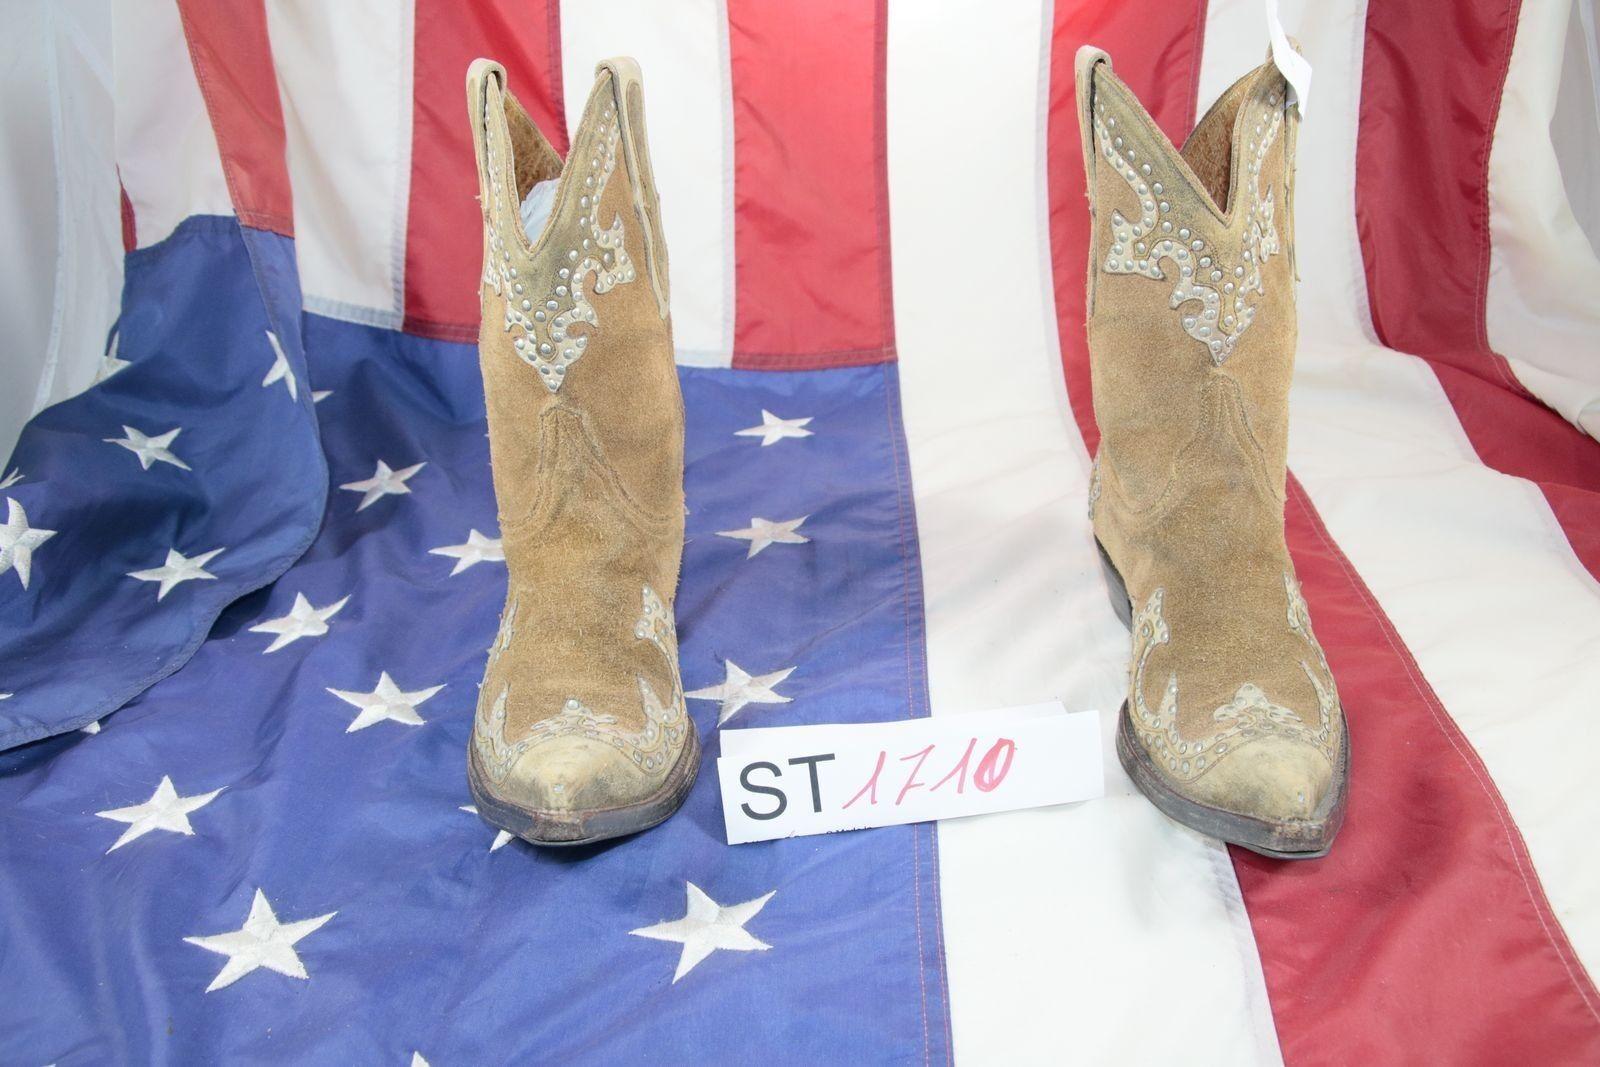 l'intera rete più bassa Stivali MARLBoro CLASSIC (Cod. ST1710) USATO N.37 DONNA DONNA DONNA Camoscio Marrone Cowboy  marchi di stilisti economici